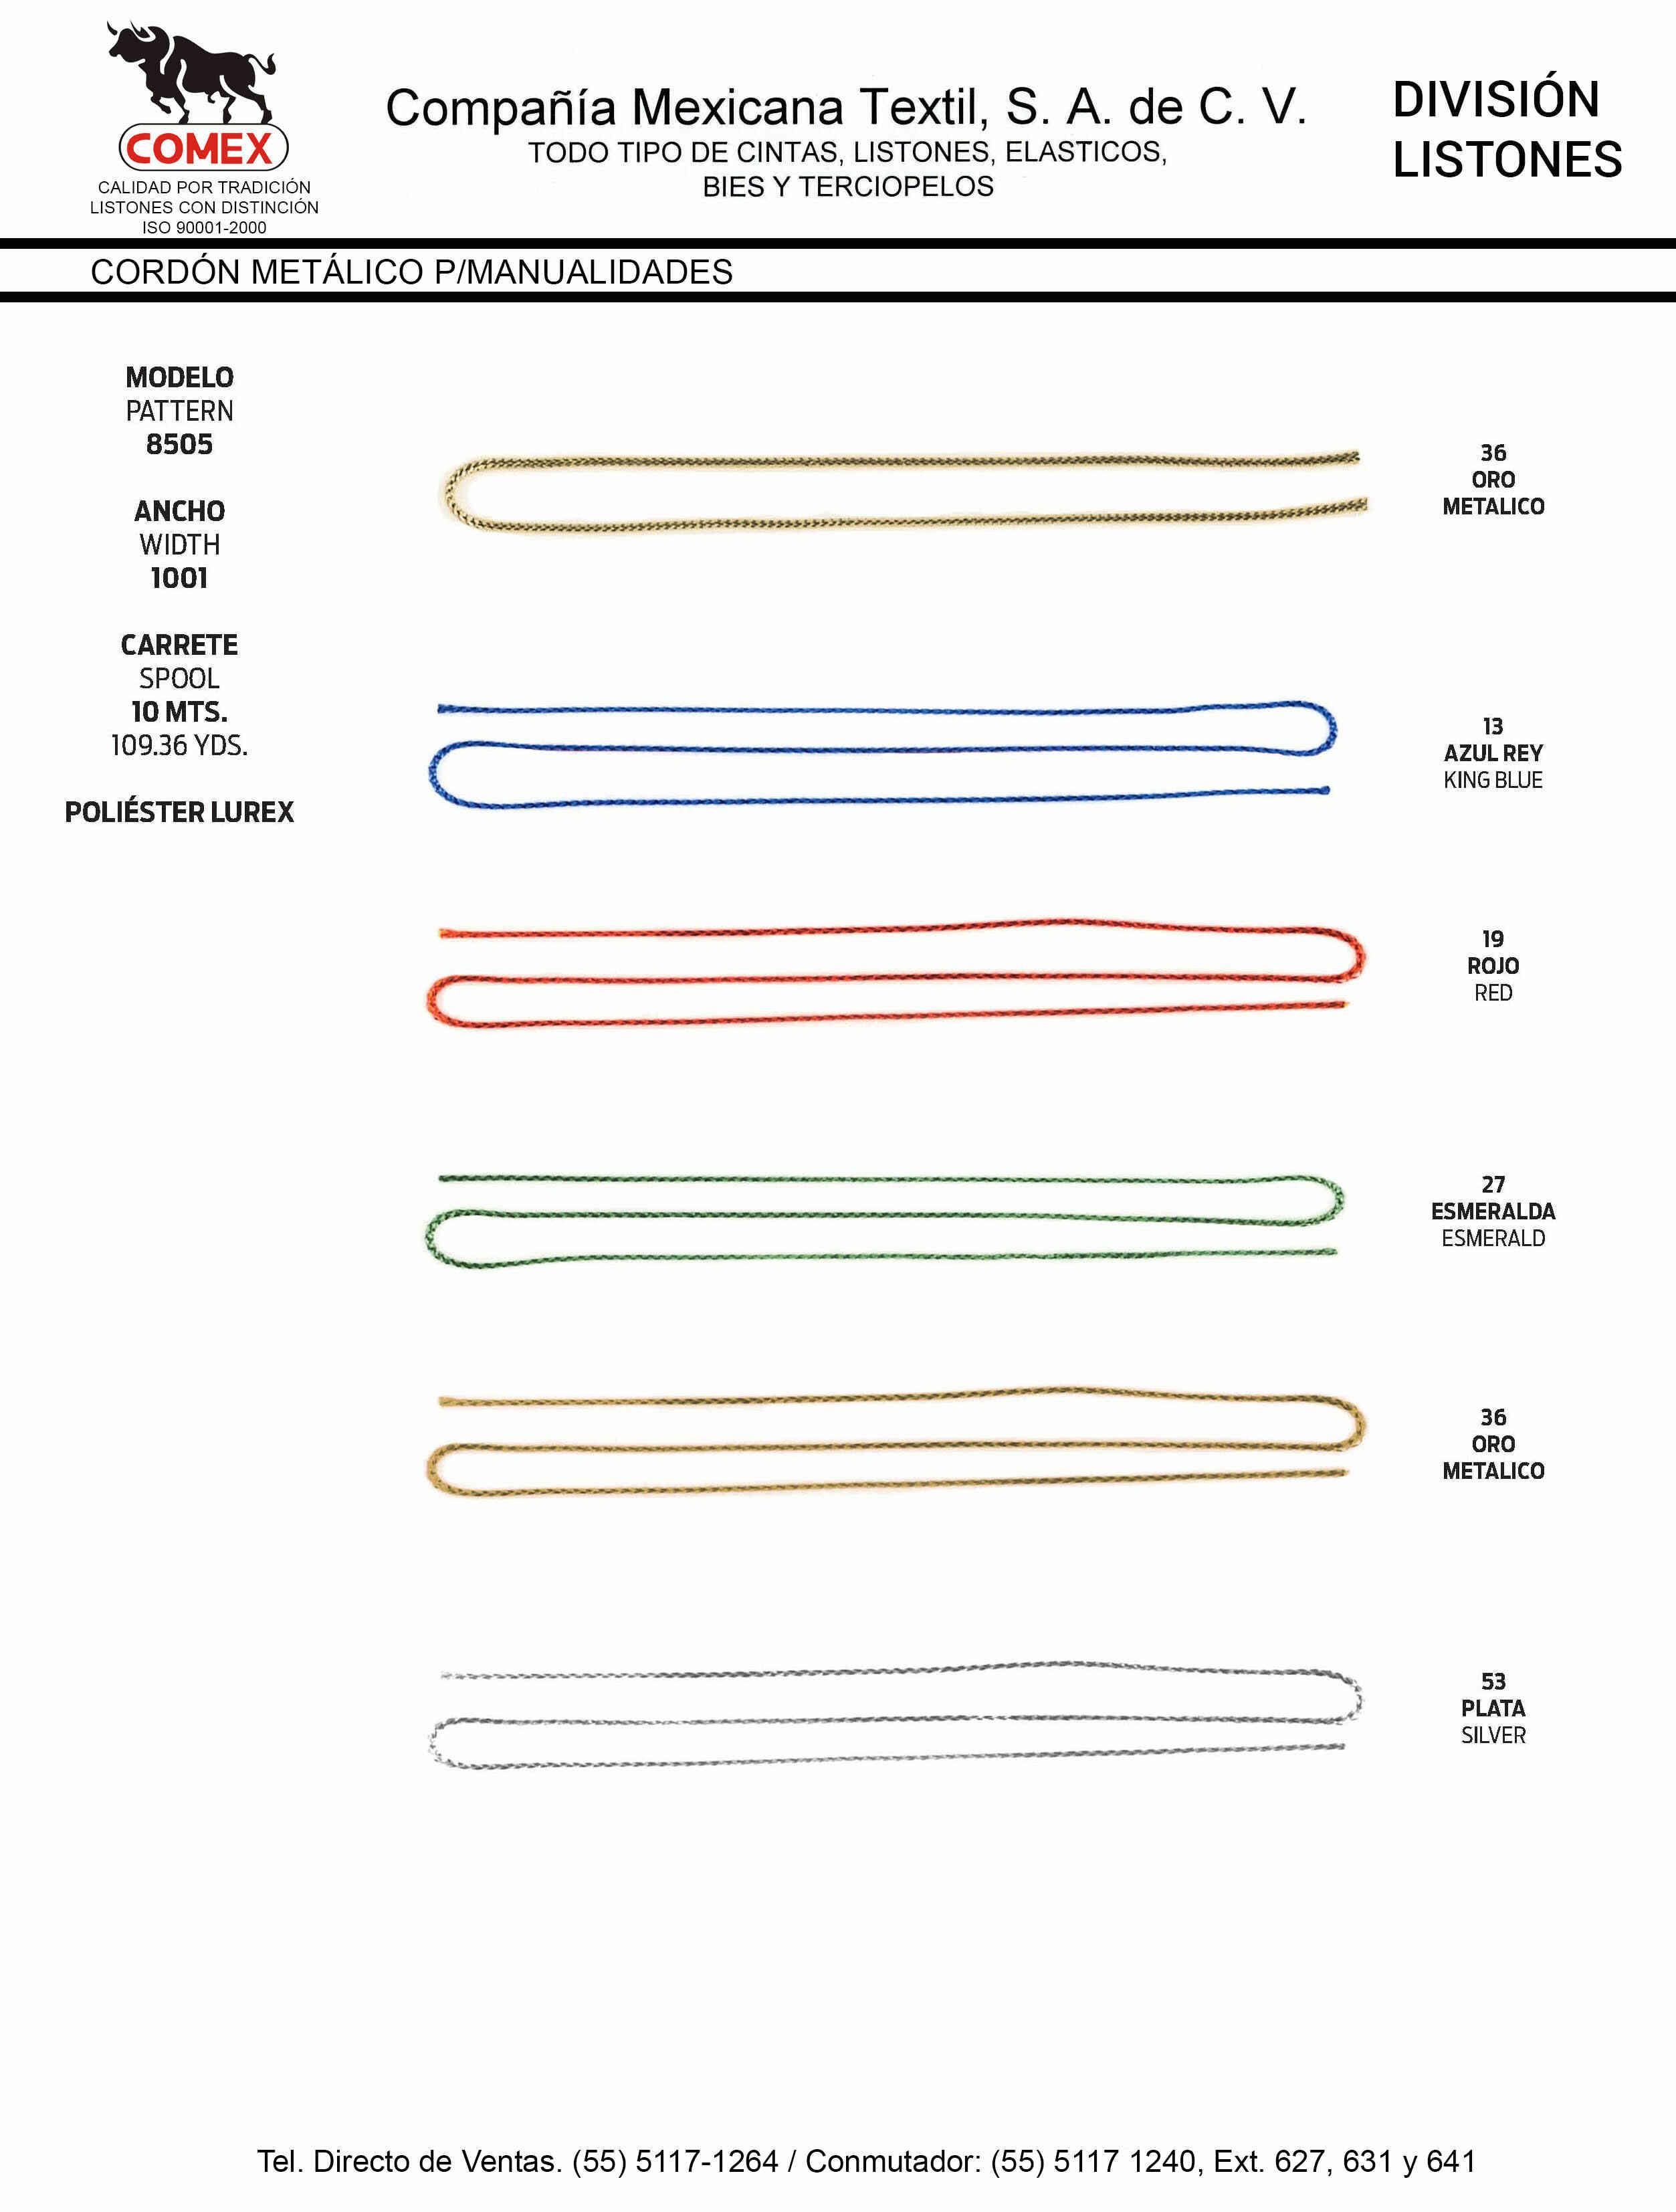 Anchos y Colores de Liston Mod.8505